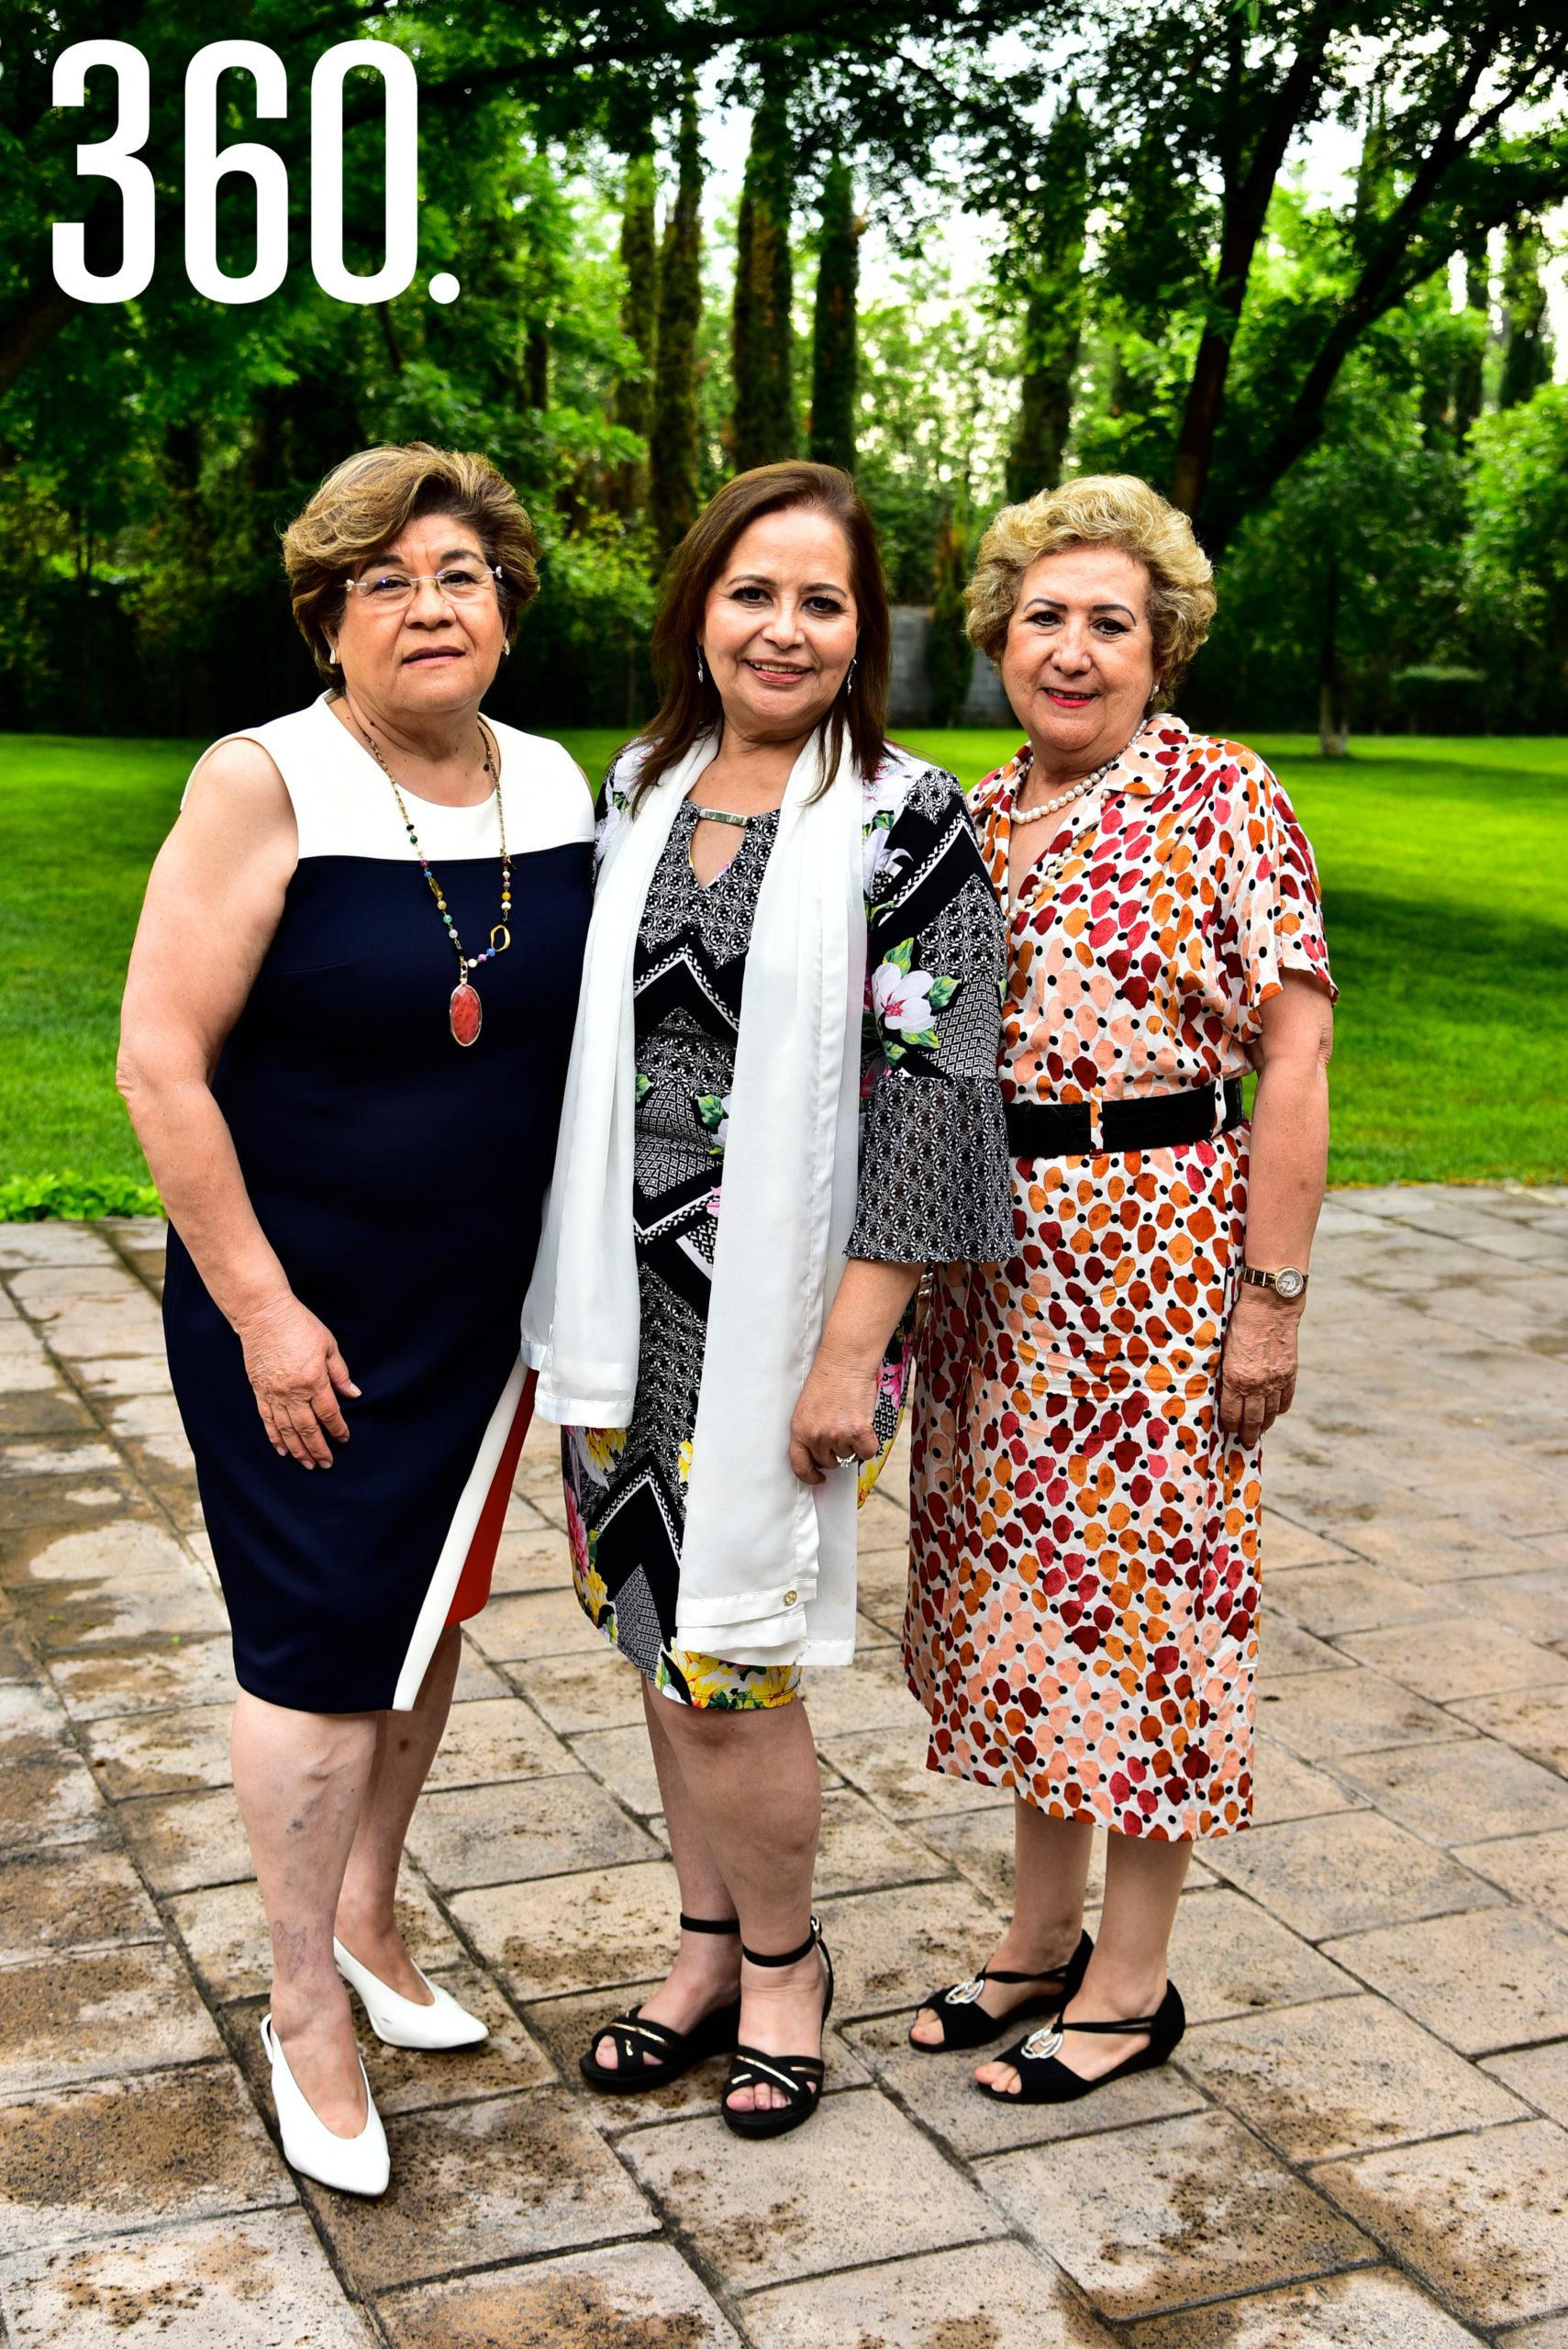 Vange Vidales de Tamez, Lili Melo de De las Fuentes y Mina Garza de López.